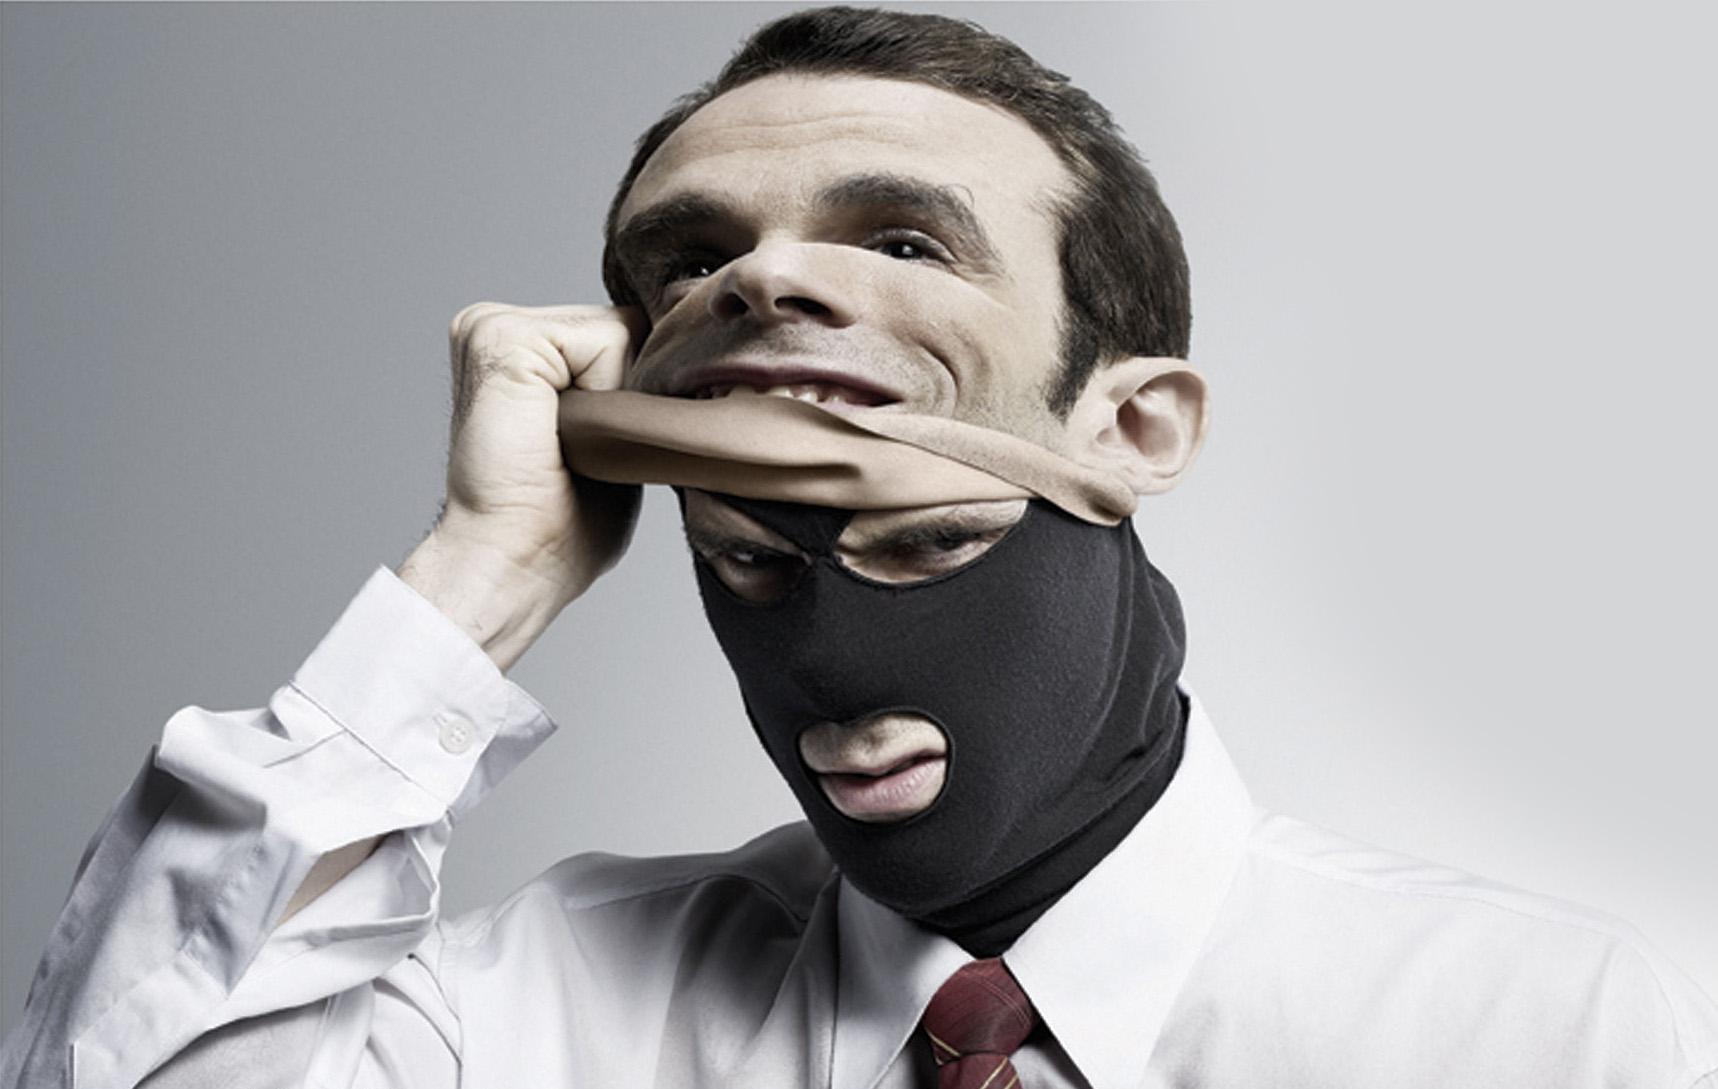 НЕПЫЛЬНАЯ РАБОТА: как выглядит мошенничество в украинских компаниях